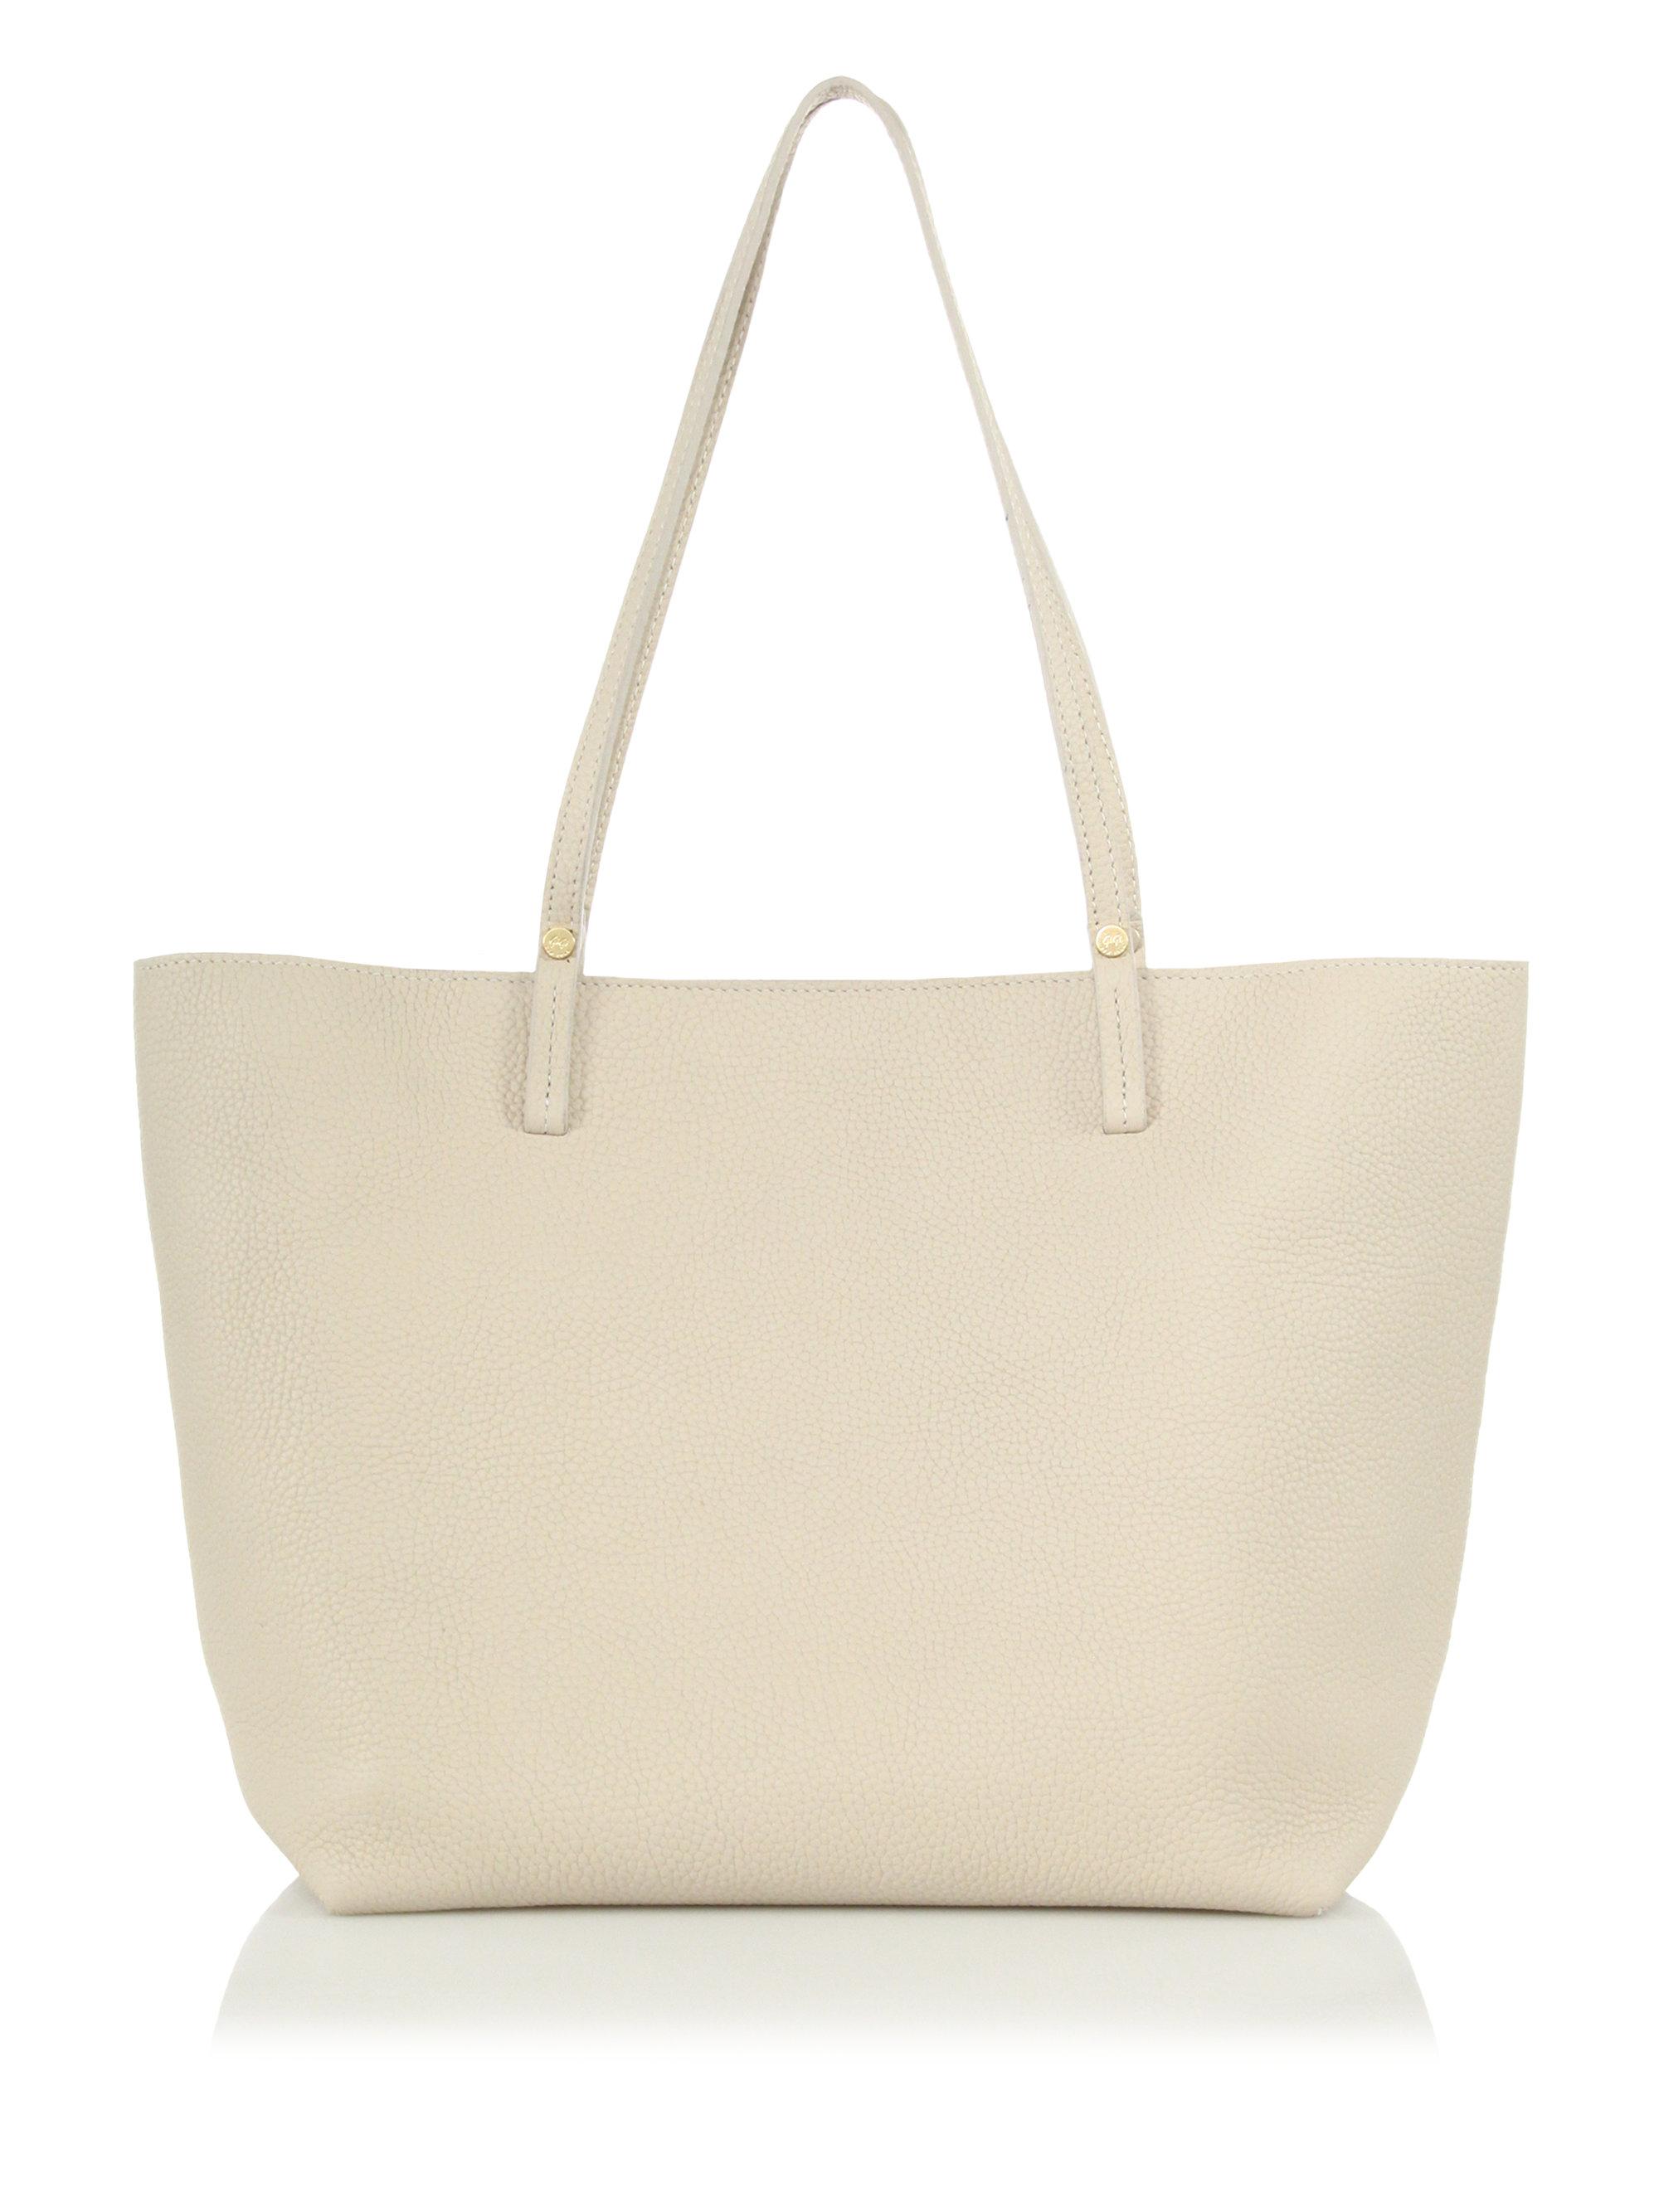 Louis Vuitton Laukku Tori : Gigi new york tori pebbled leather tote in white lyst